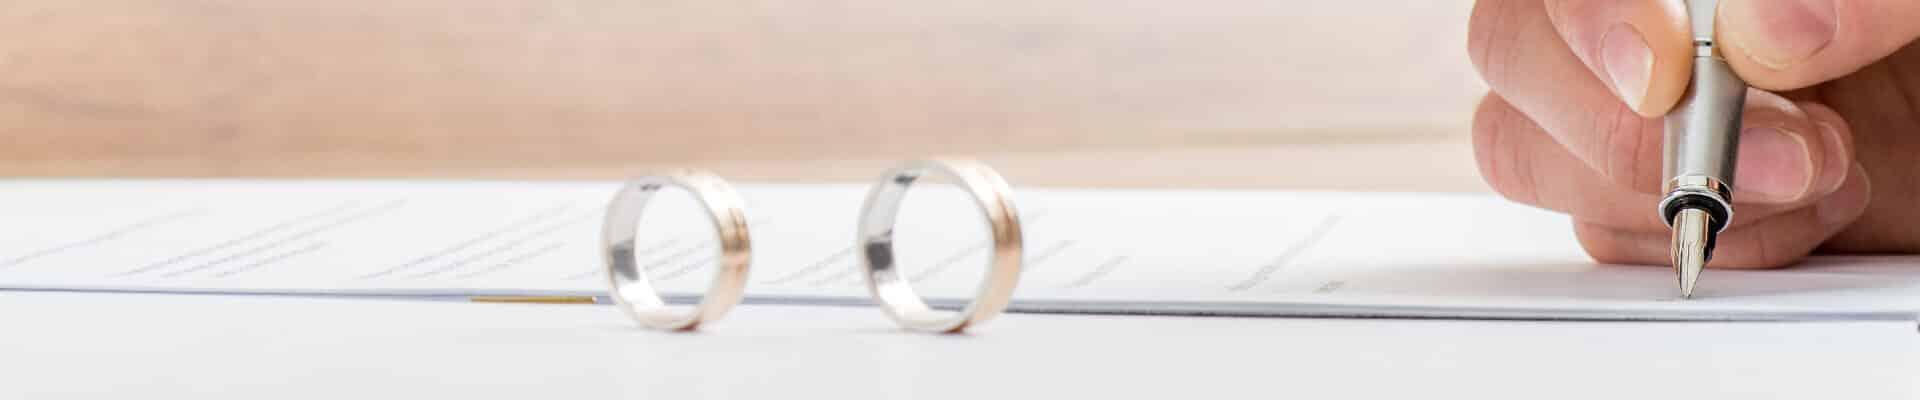 Unterhalt und Versorgungsausgleich - RVR Rechtsanwälte Stuttgart bieten Rechtsberatung zu Scheidungsfolgen